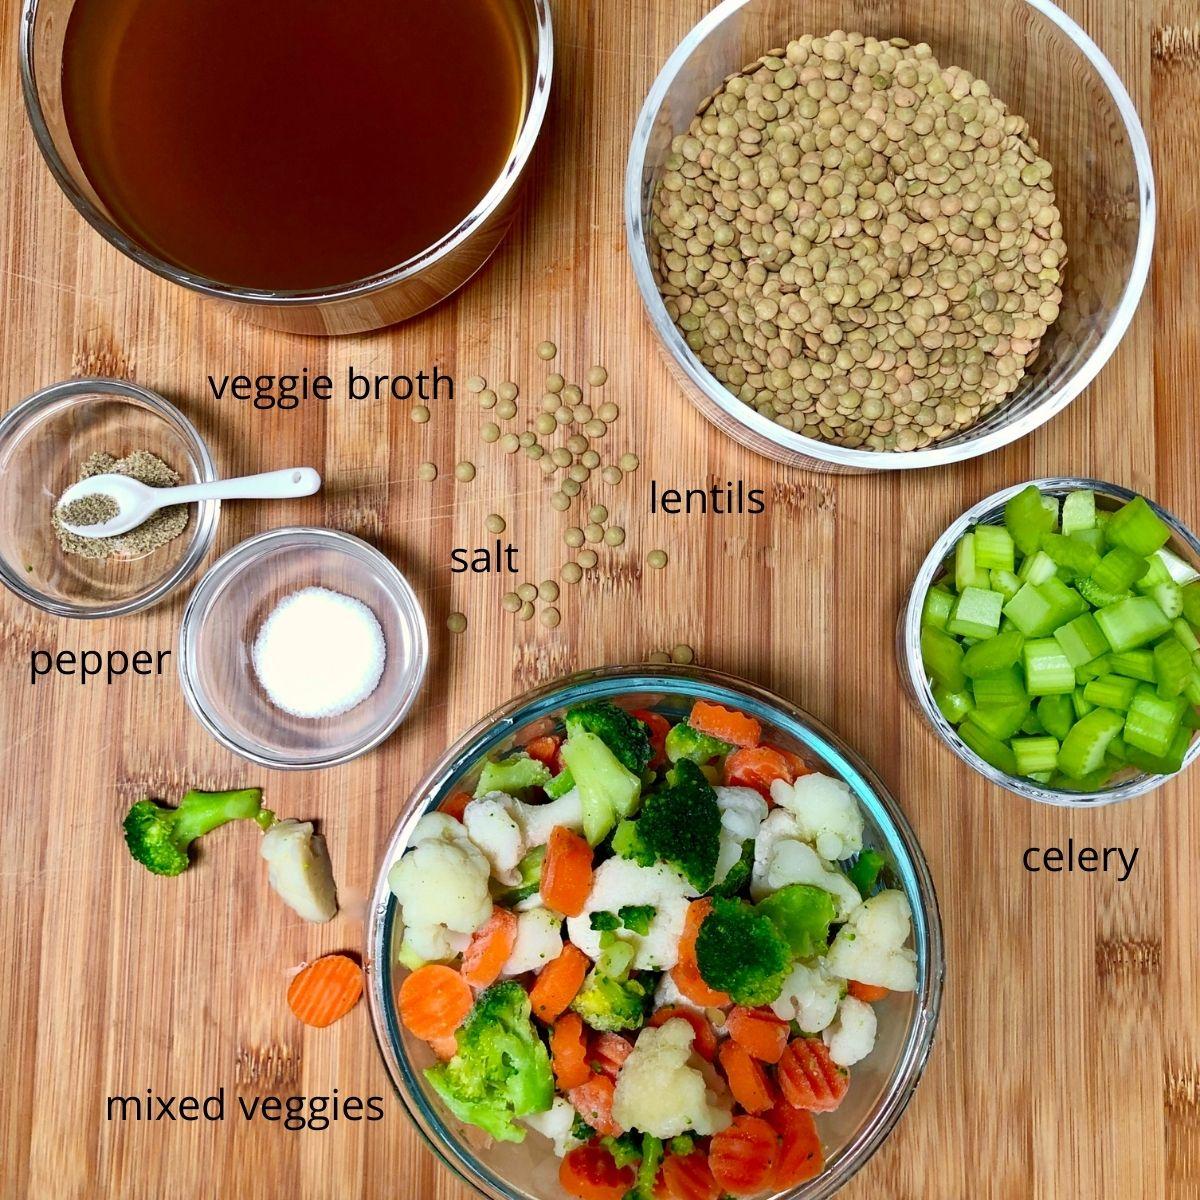 Ingredients for vegan lentil soup, including lentils, broccoli, cauliflower, carrots, celery, broth, salt and pepper.